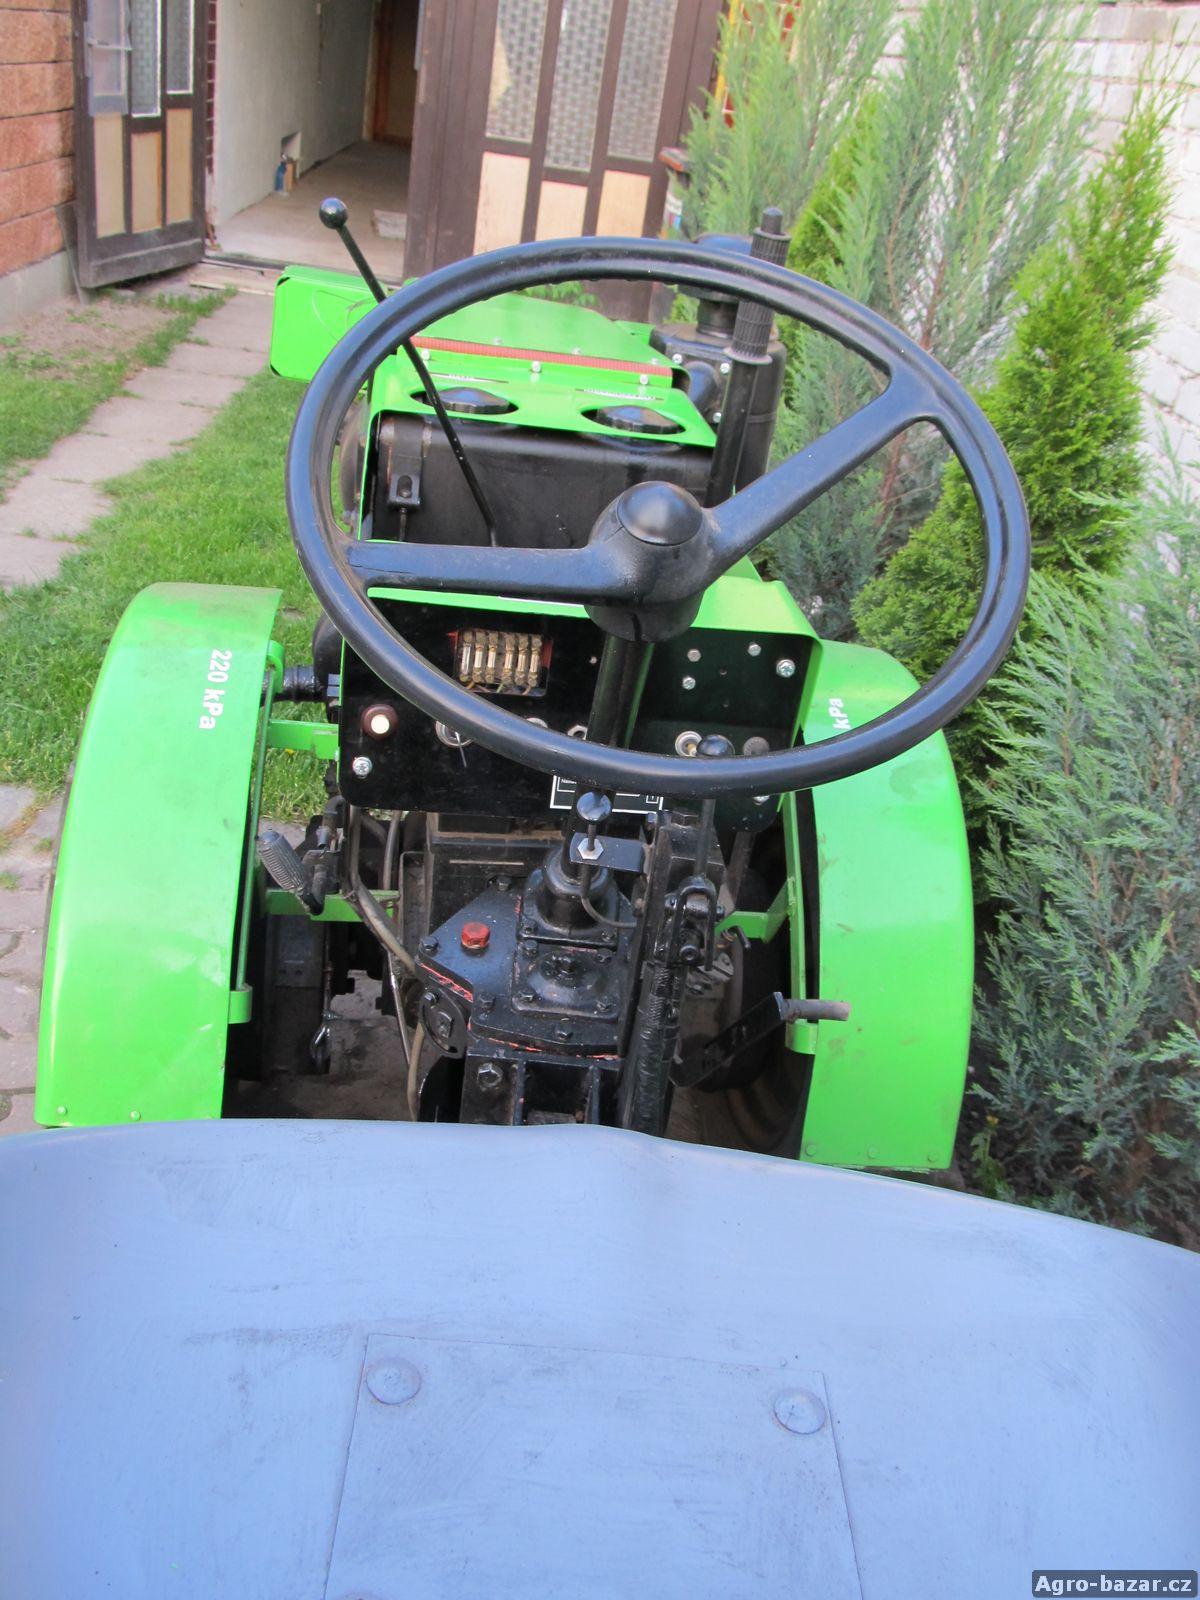 Nabízím malotraktor TZ 14